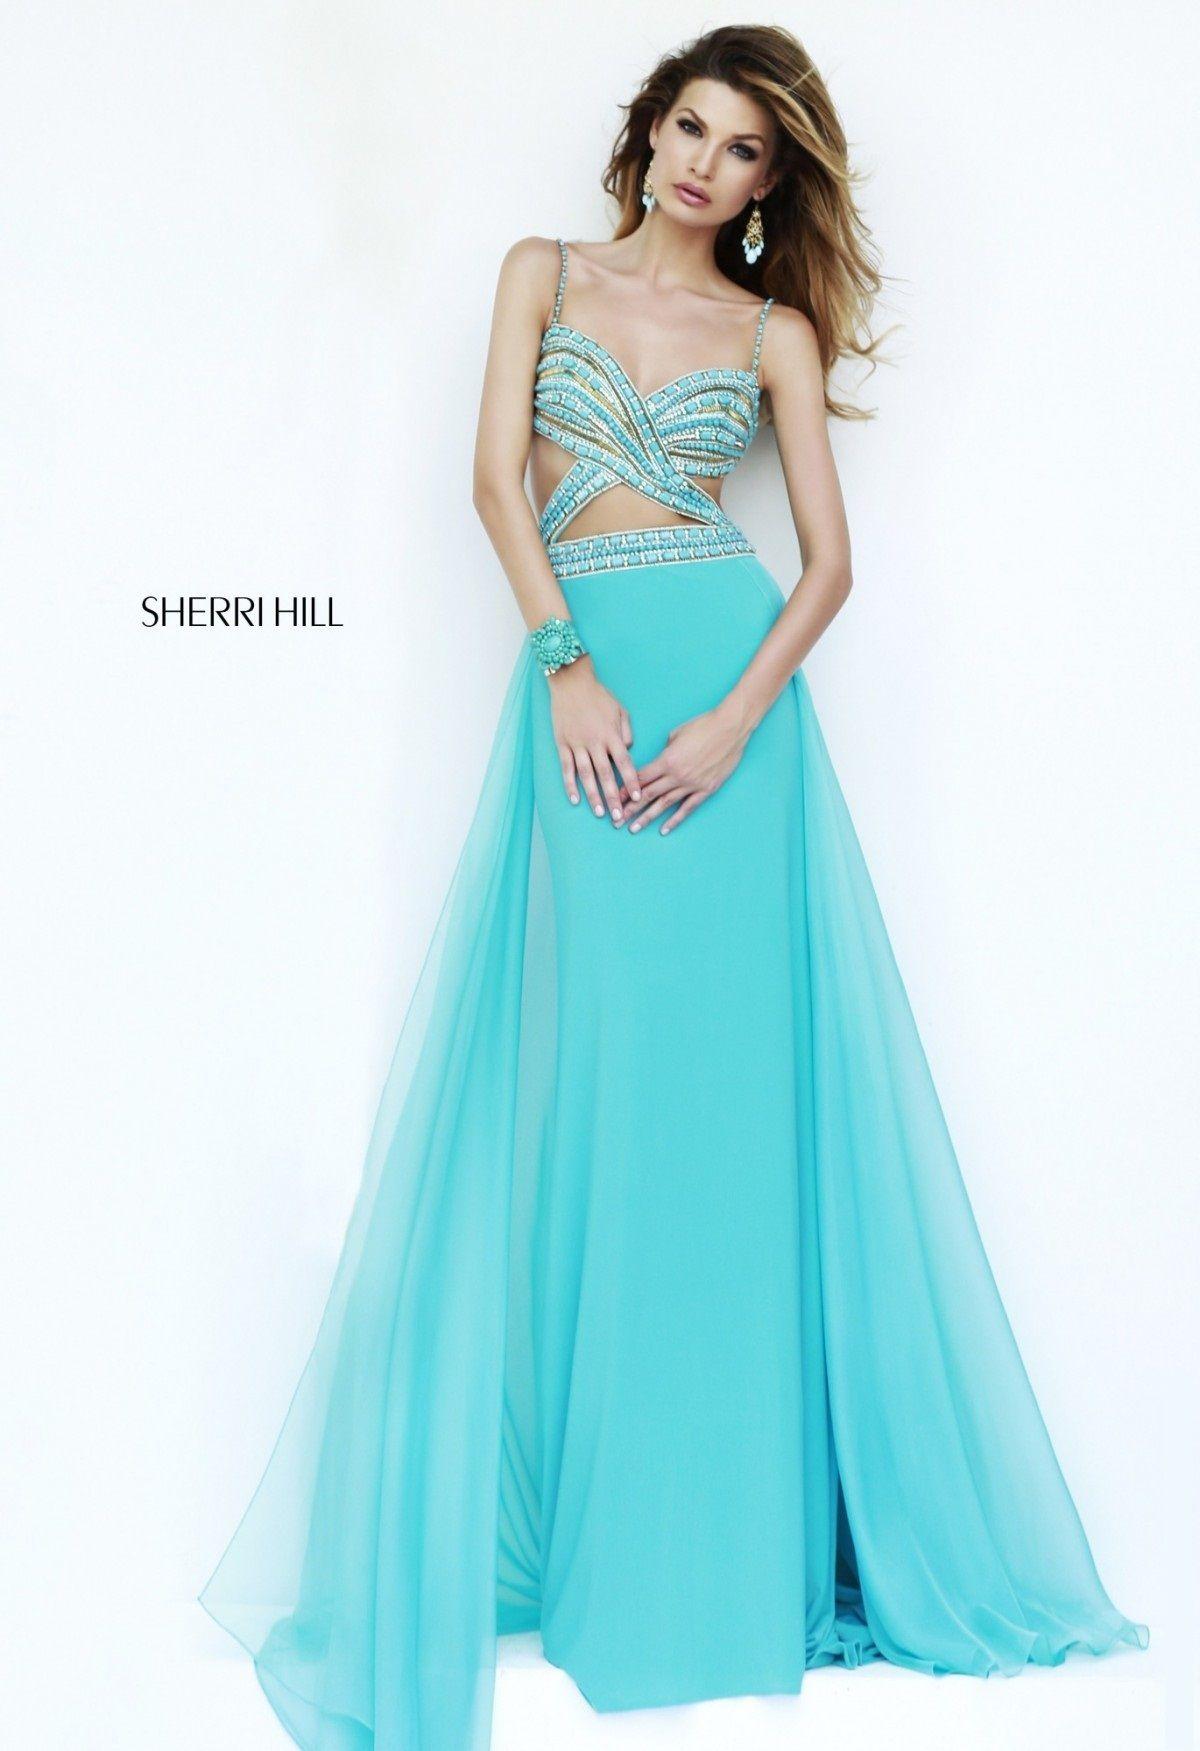 Sherri hill fashion sherri hill pinterest prom and fashion